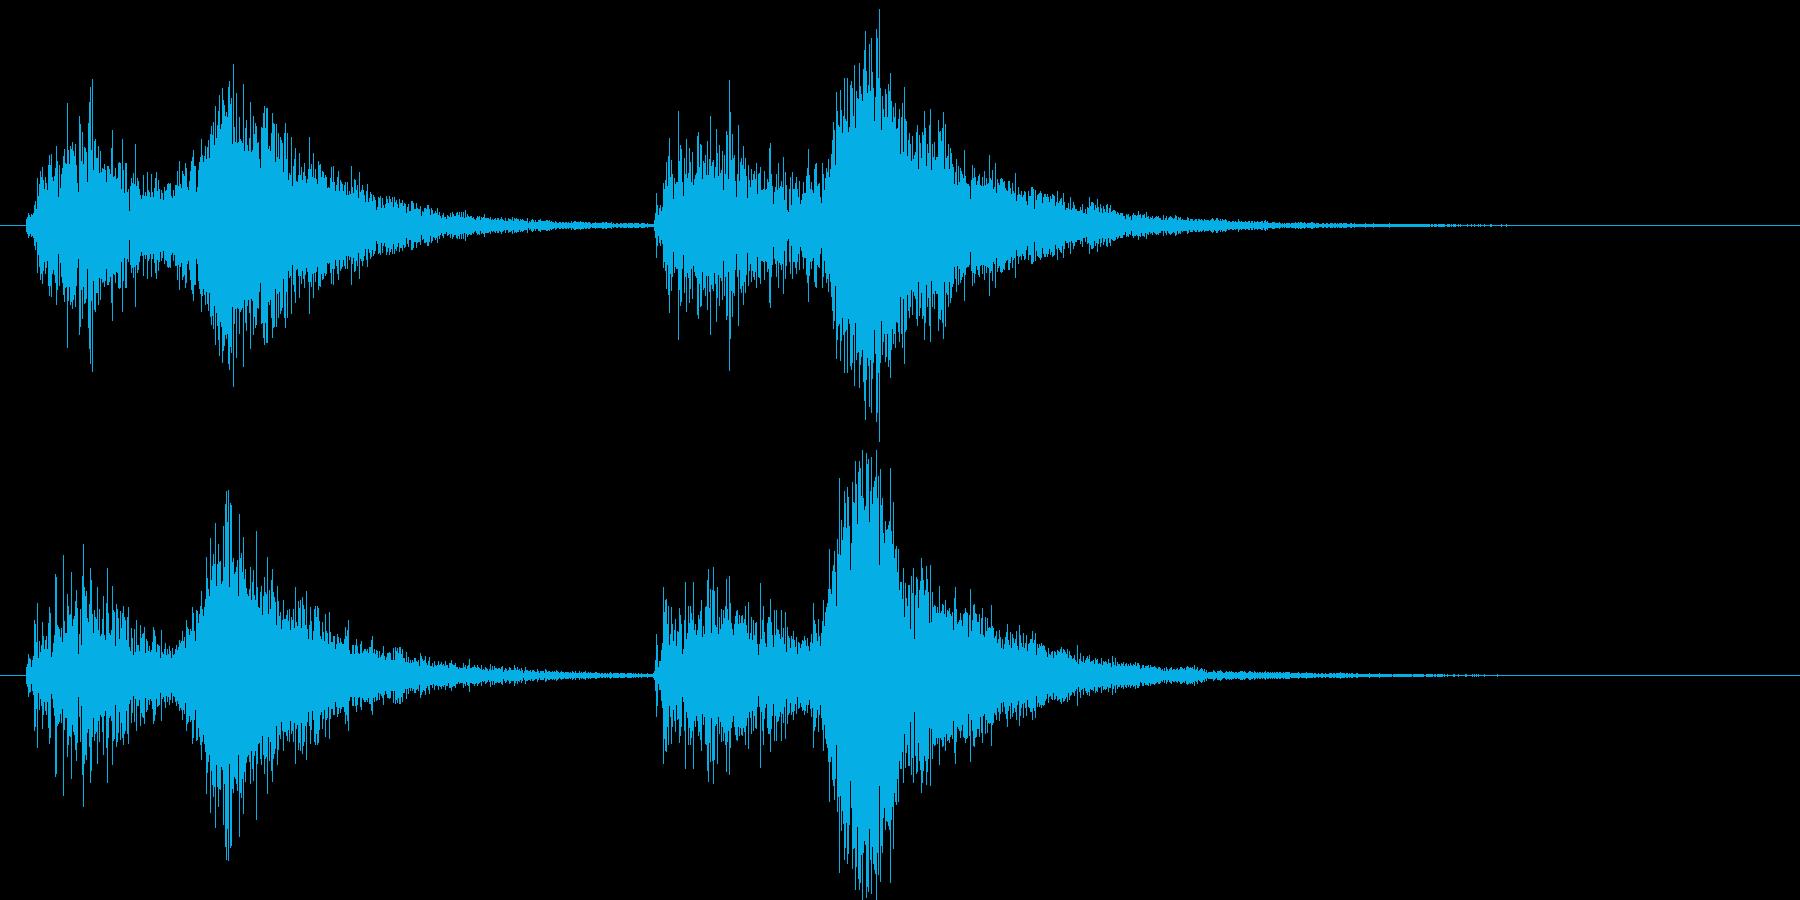 オーケストラでジャジャン ジャジャン1の再生済みの波形